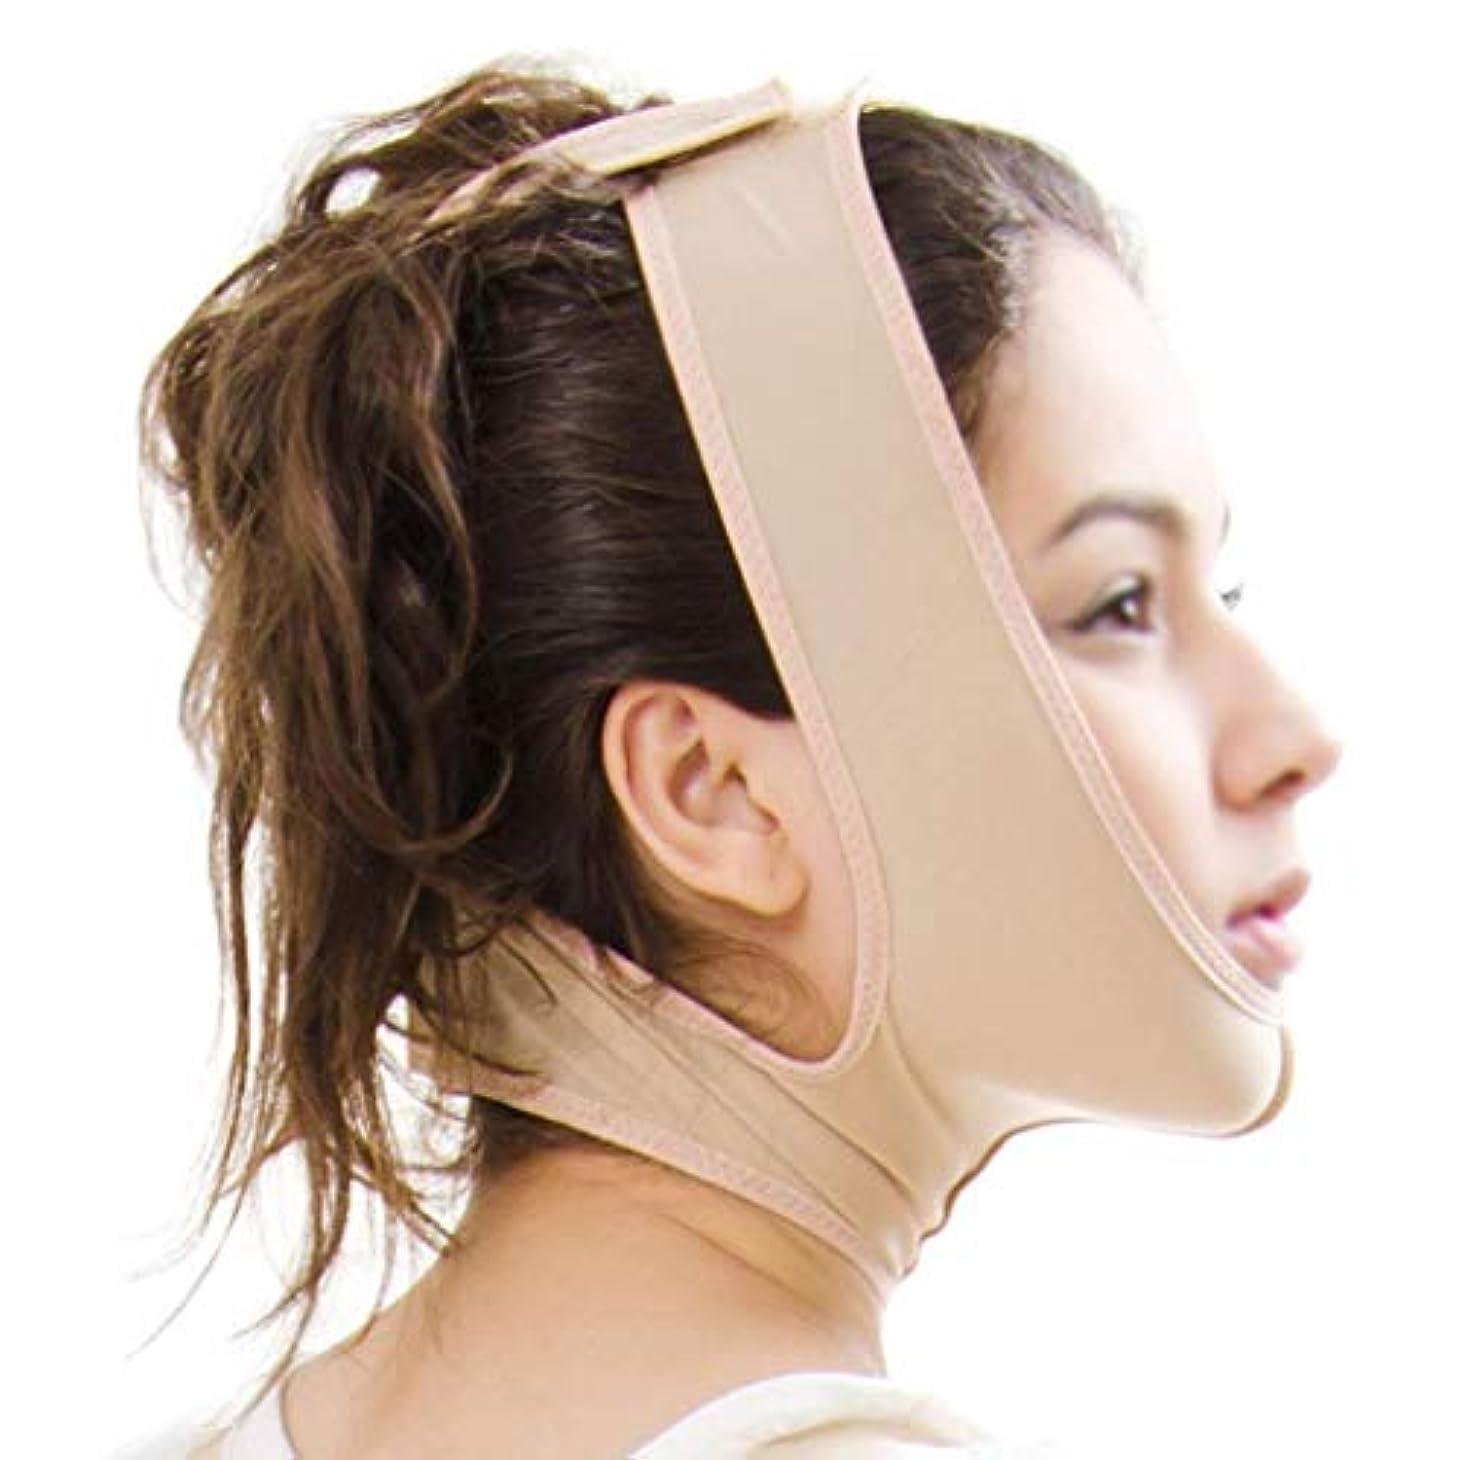 不良住む住む顔のリフティング包帯、あごの首と首のあごの二重顔、脂肪吸引術、術後創傷マスク(サイズ:XXL)